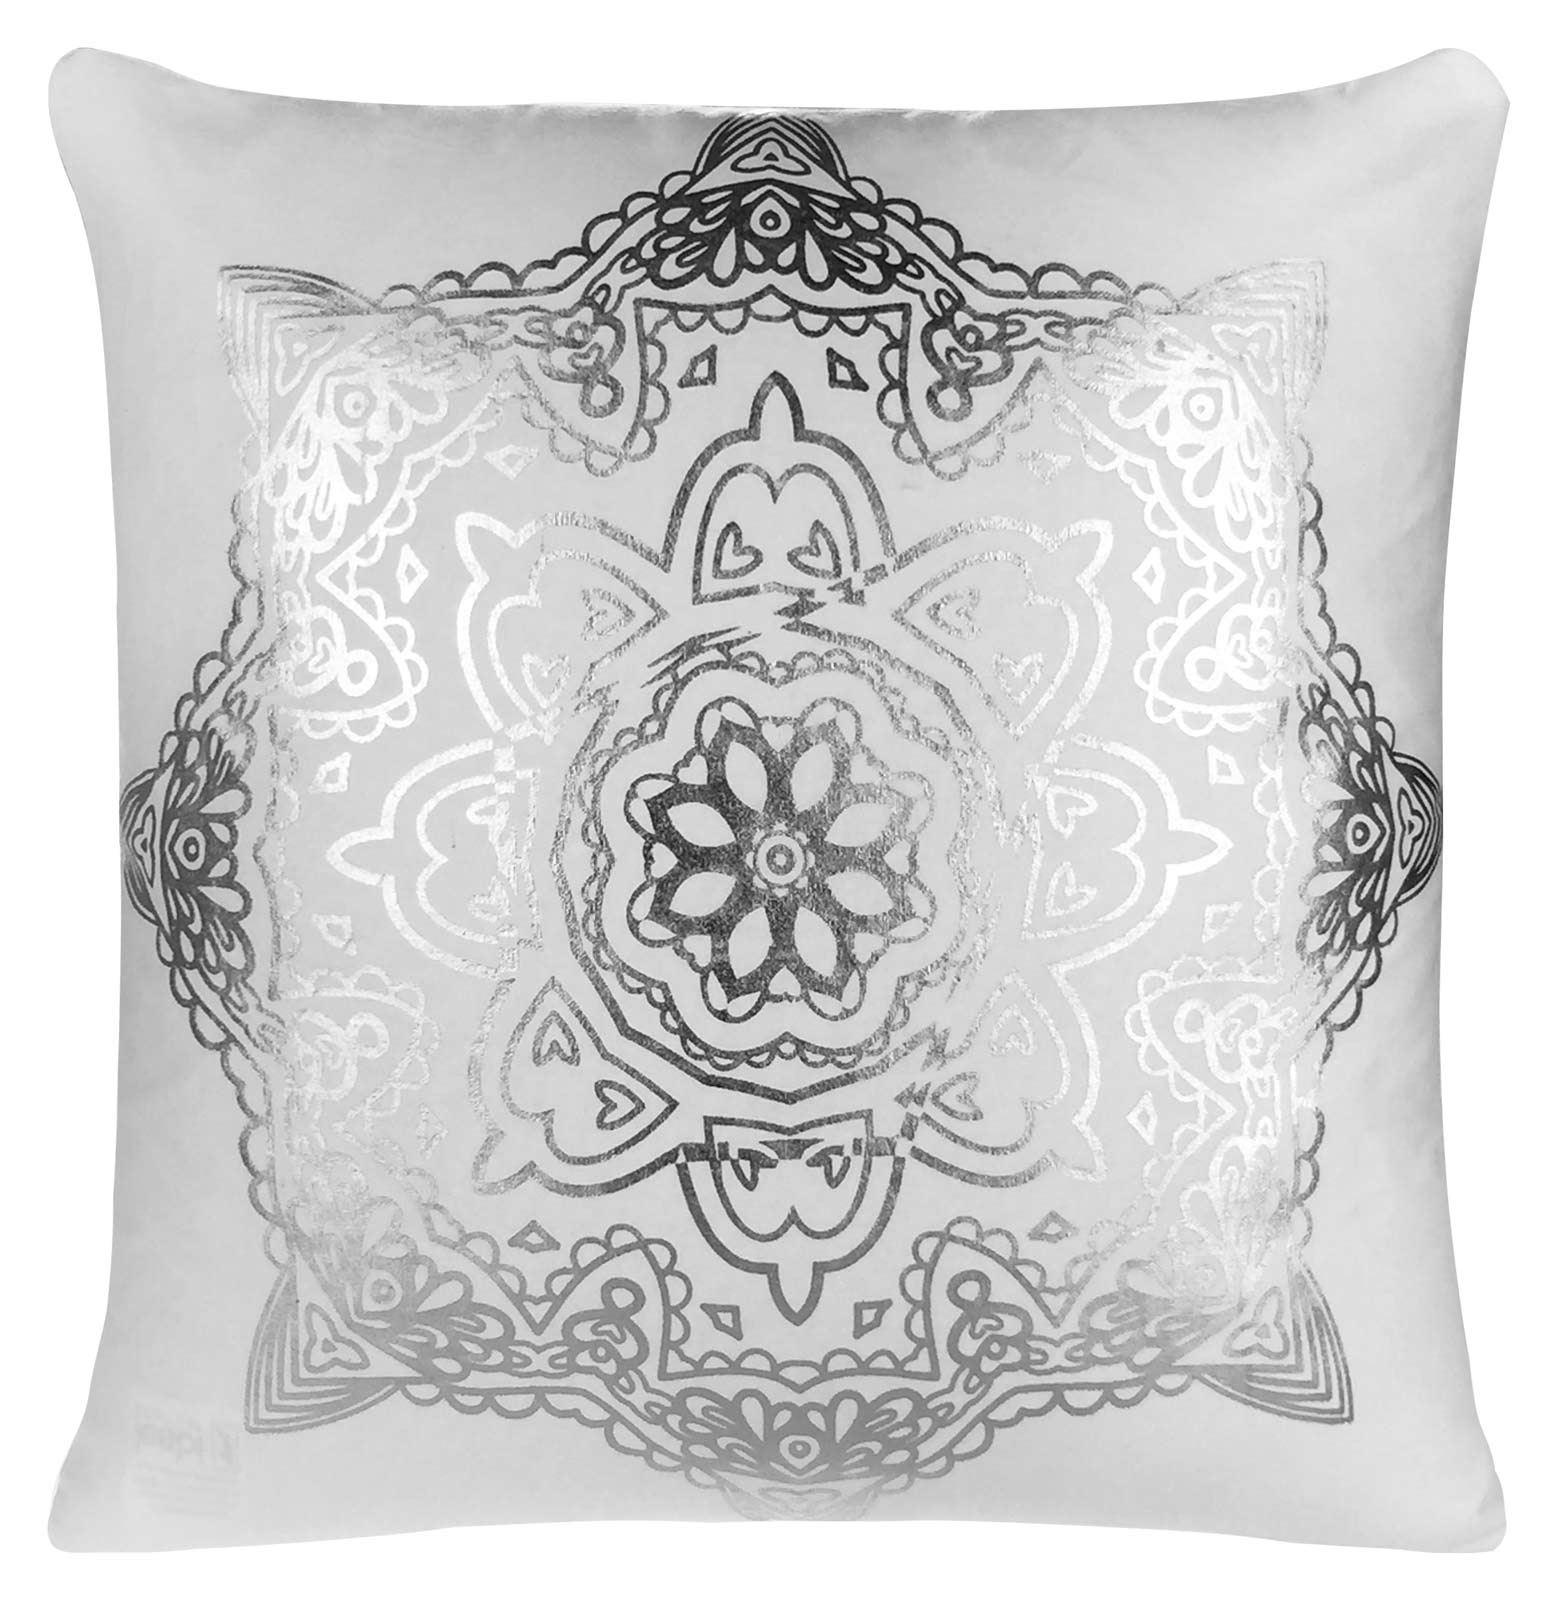 housses de coussin m tallique 45cmx45cm coton blanc argent or noir cuivre ebay. Black Bedroom Furniture Sets. Home Design Ideas